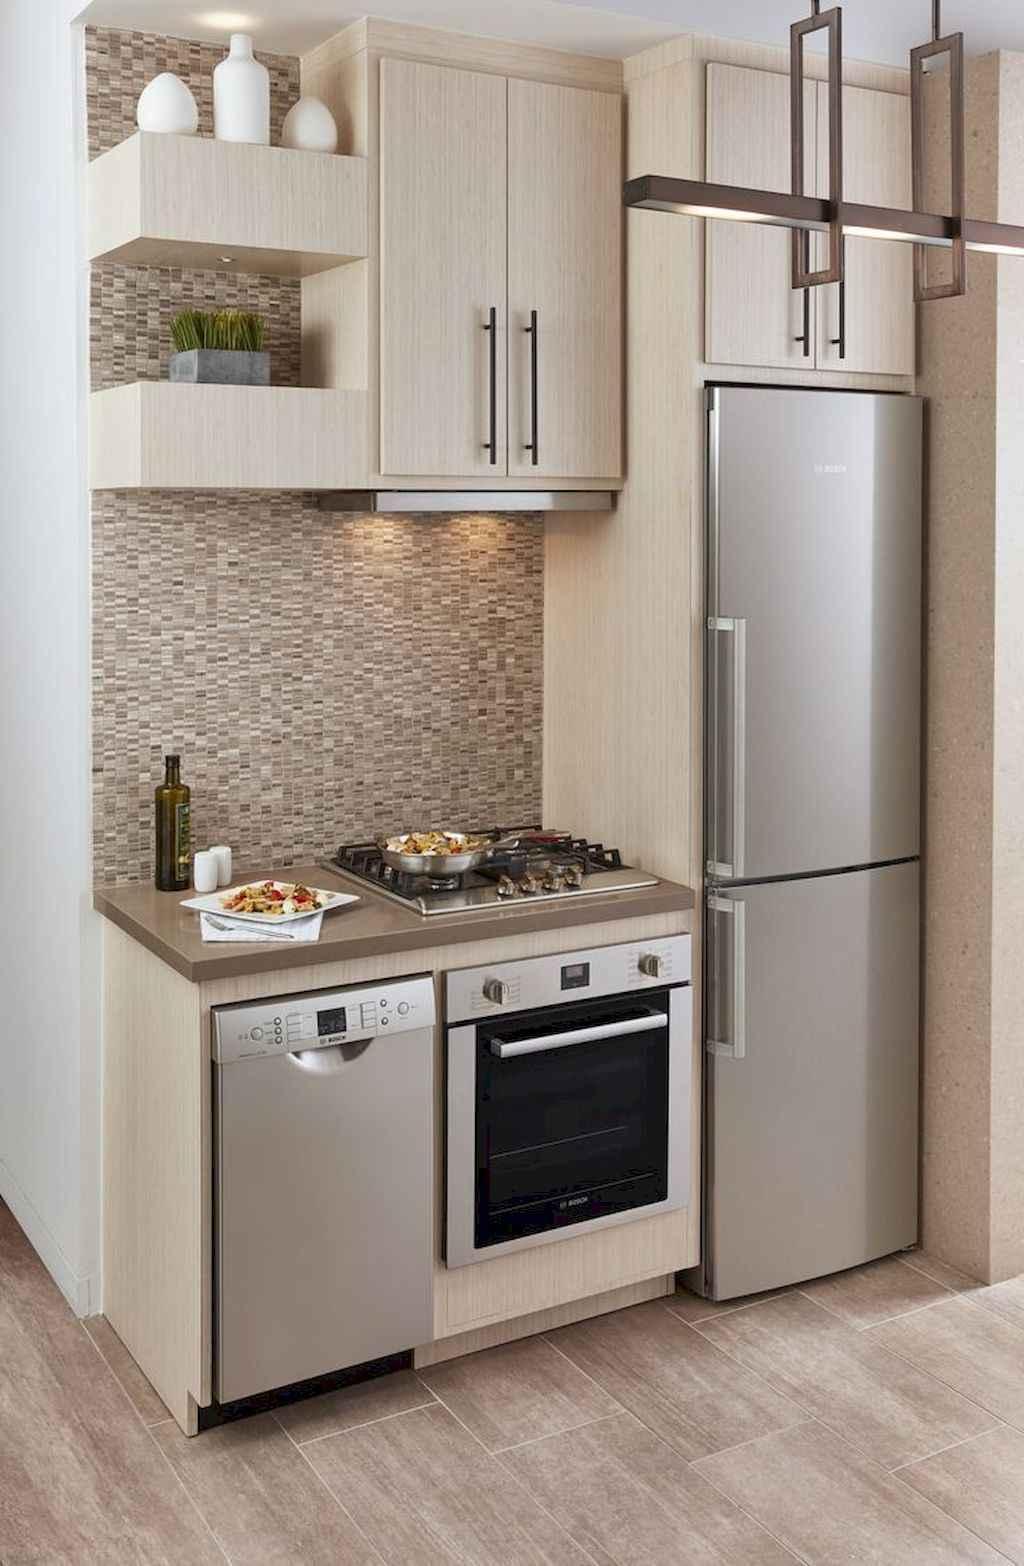 70 Brilliant Small Apartment Kitchen Decor Ideas (16 ...